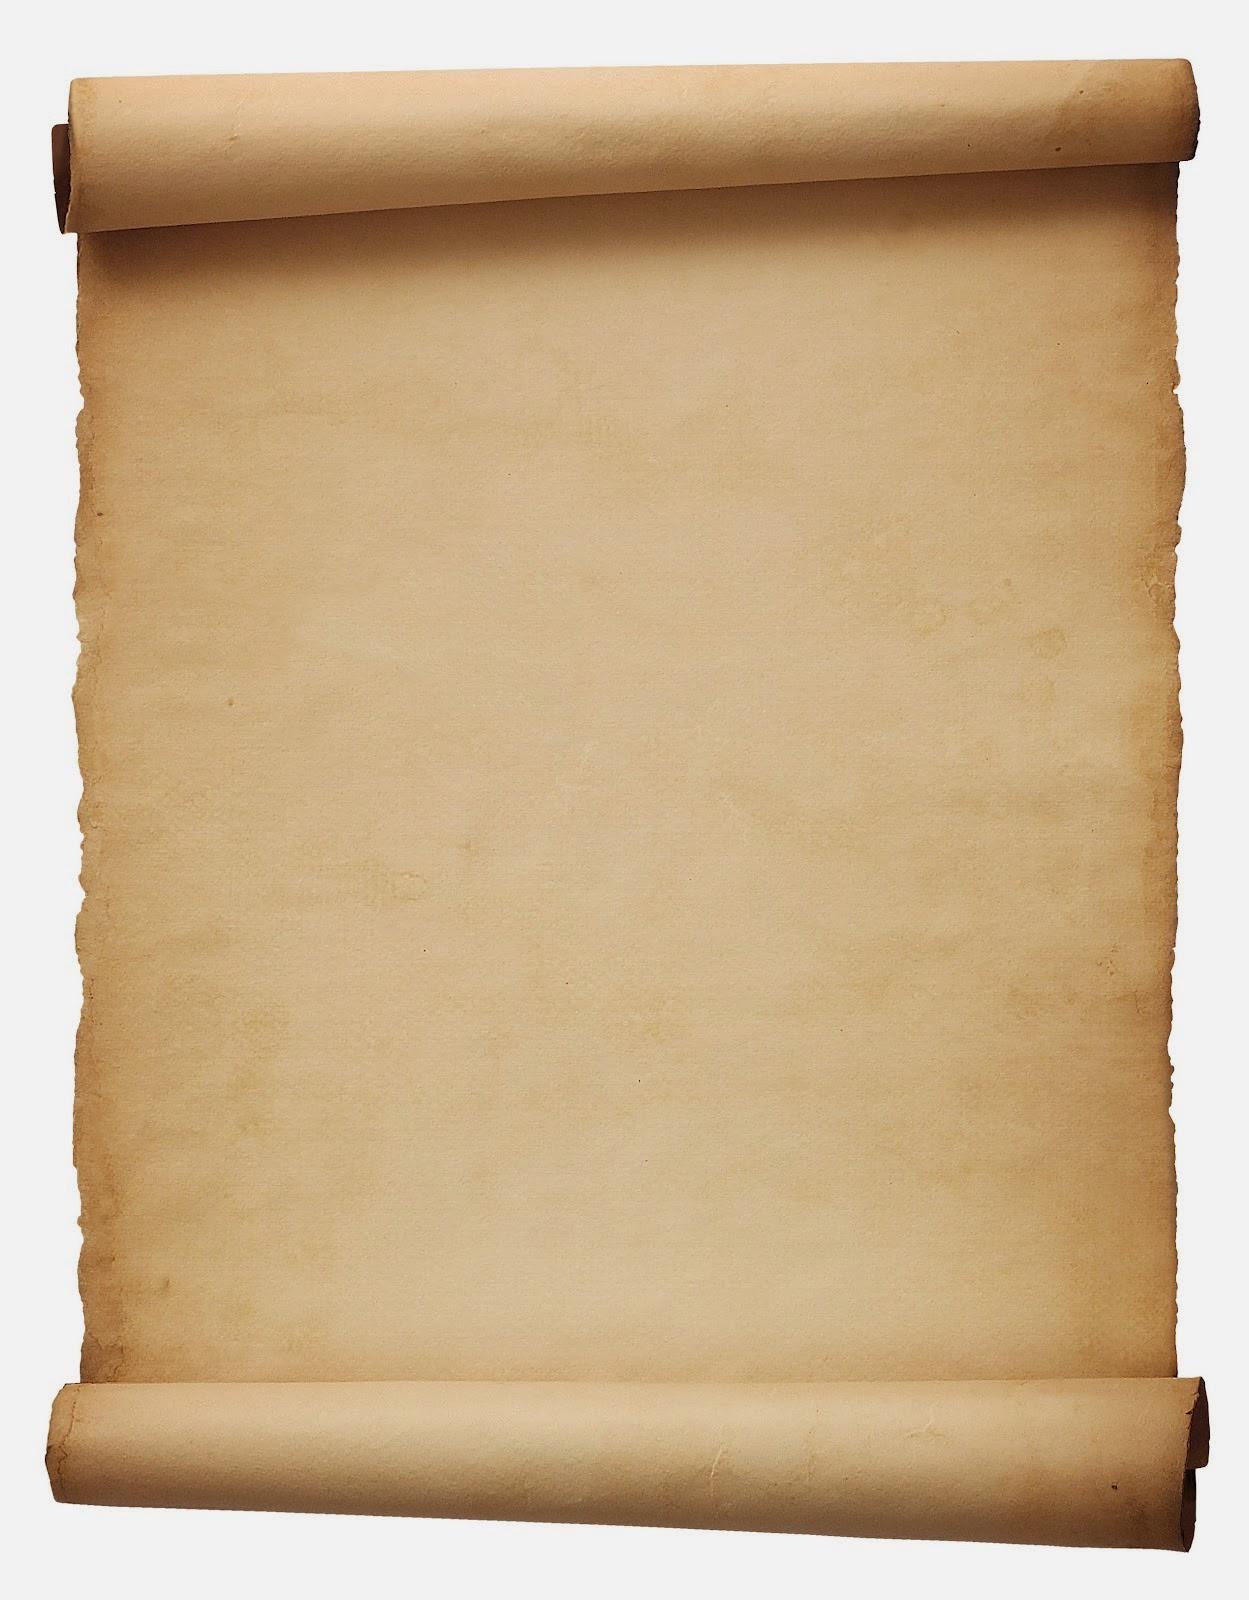 Pergamino Blanco - Descargar Caratulas